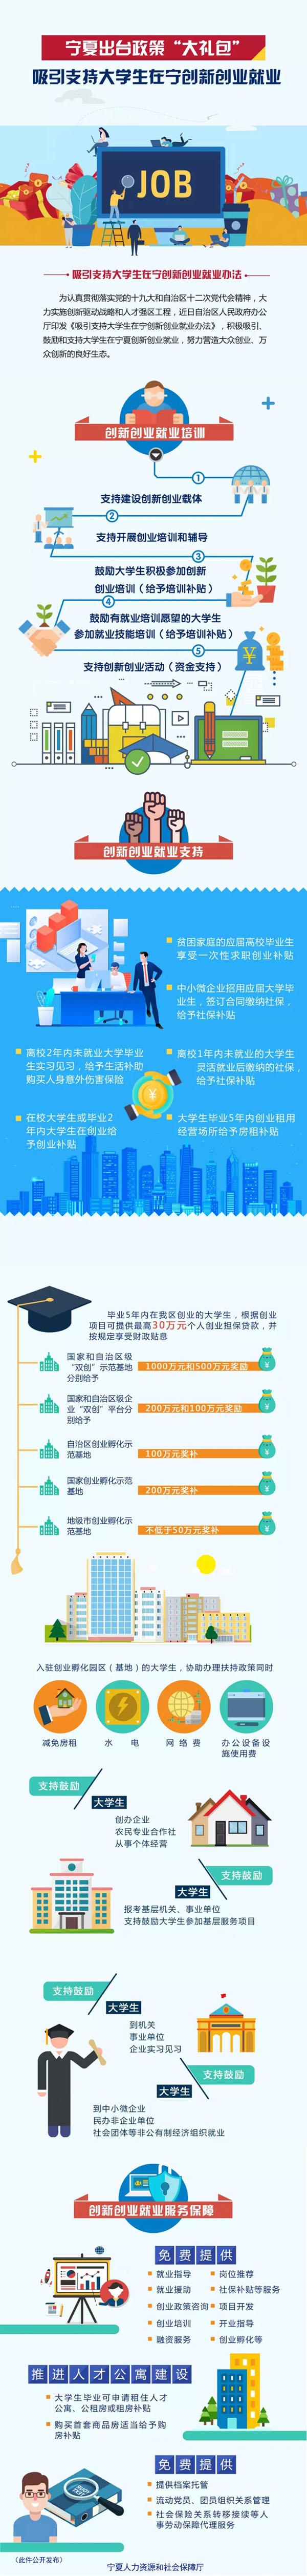 图解宁夏《关于吸引支持大学生在宁创新创业就业办法》.jpg